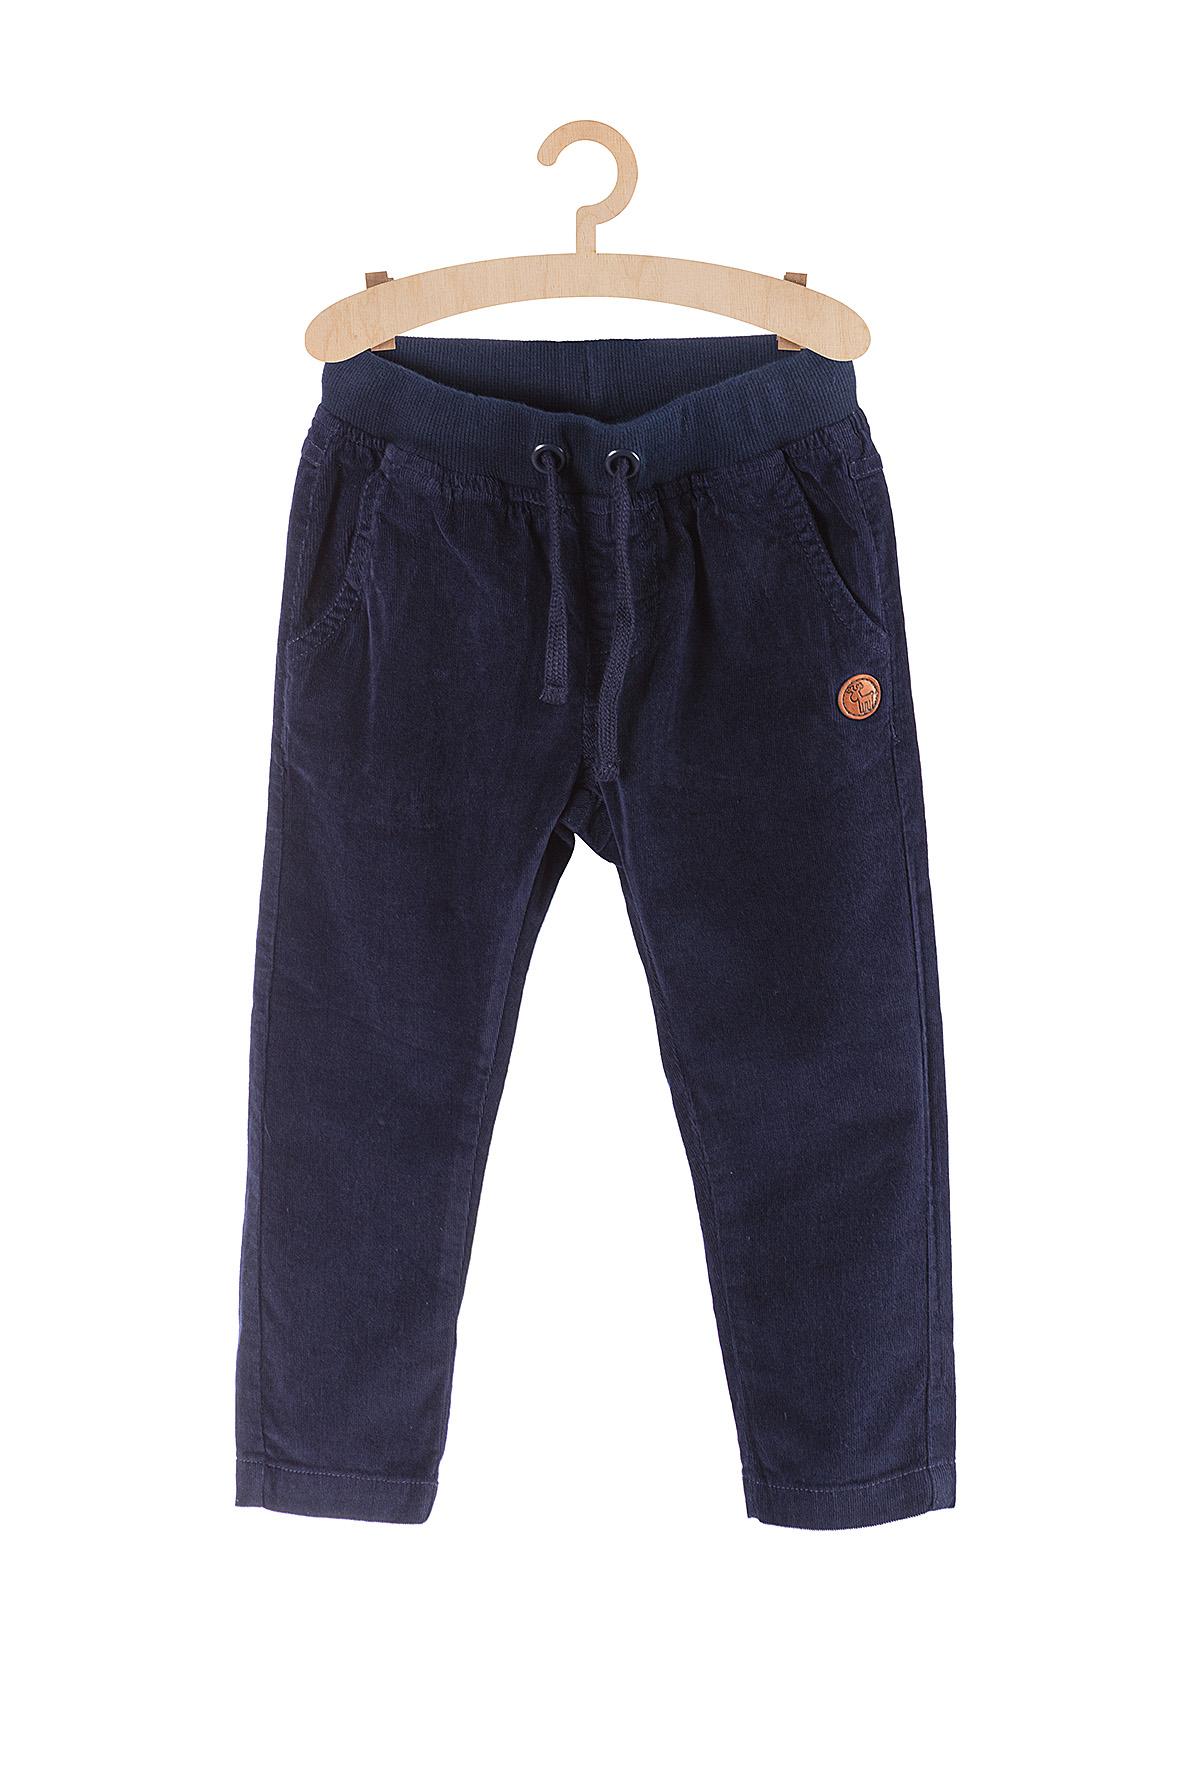 Spodnie ch艂opi臋ce 1L3713